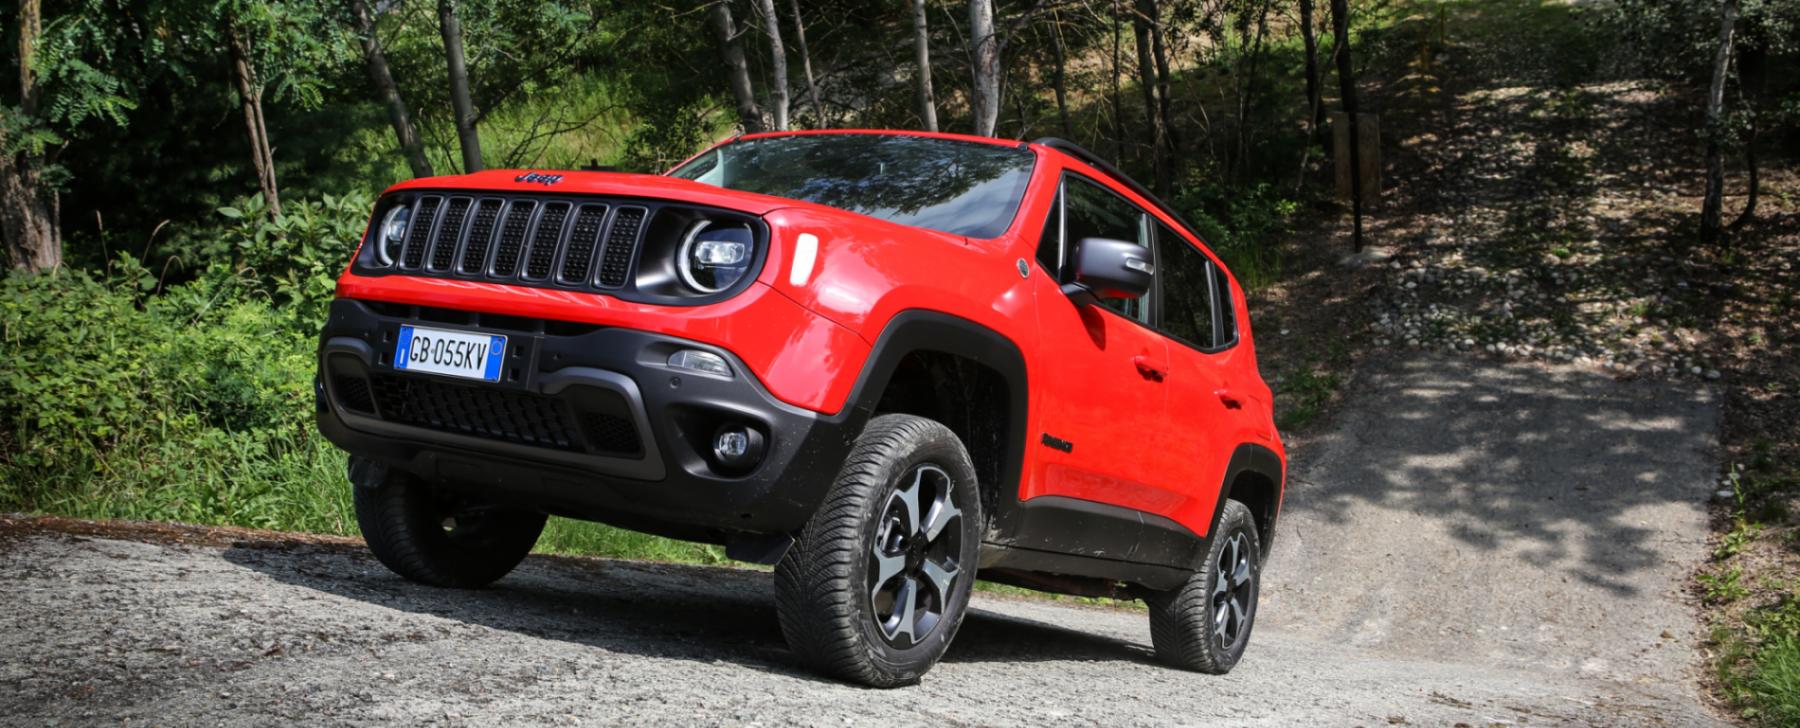 Renegade y Compass 4xe, al volante de los primeros Jeep 'verdes'